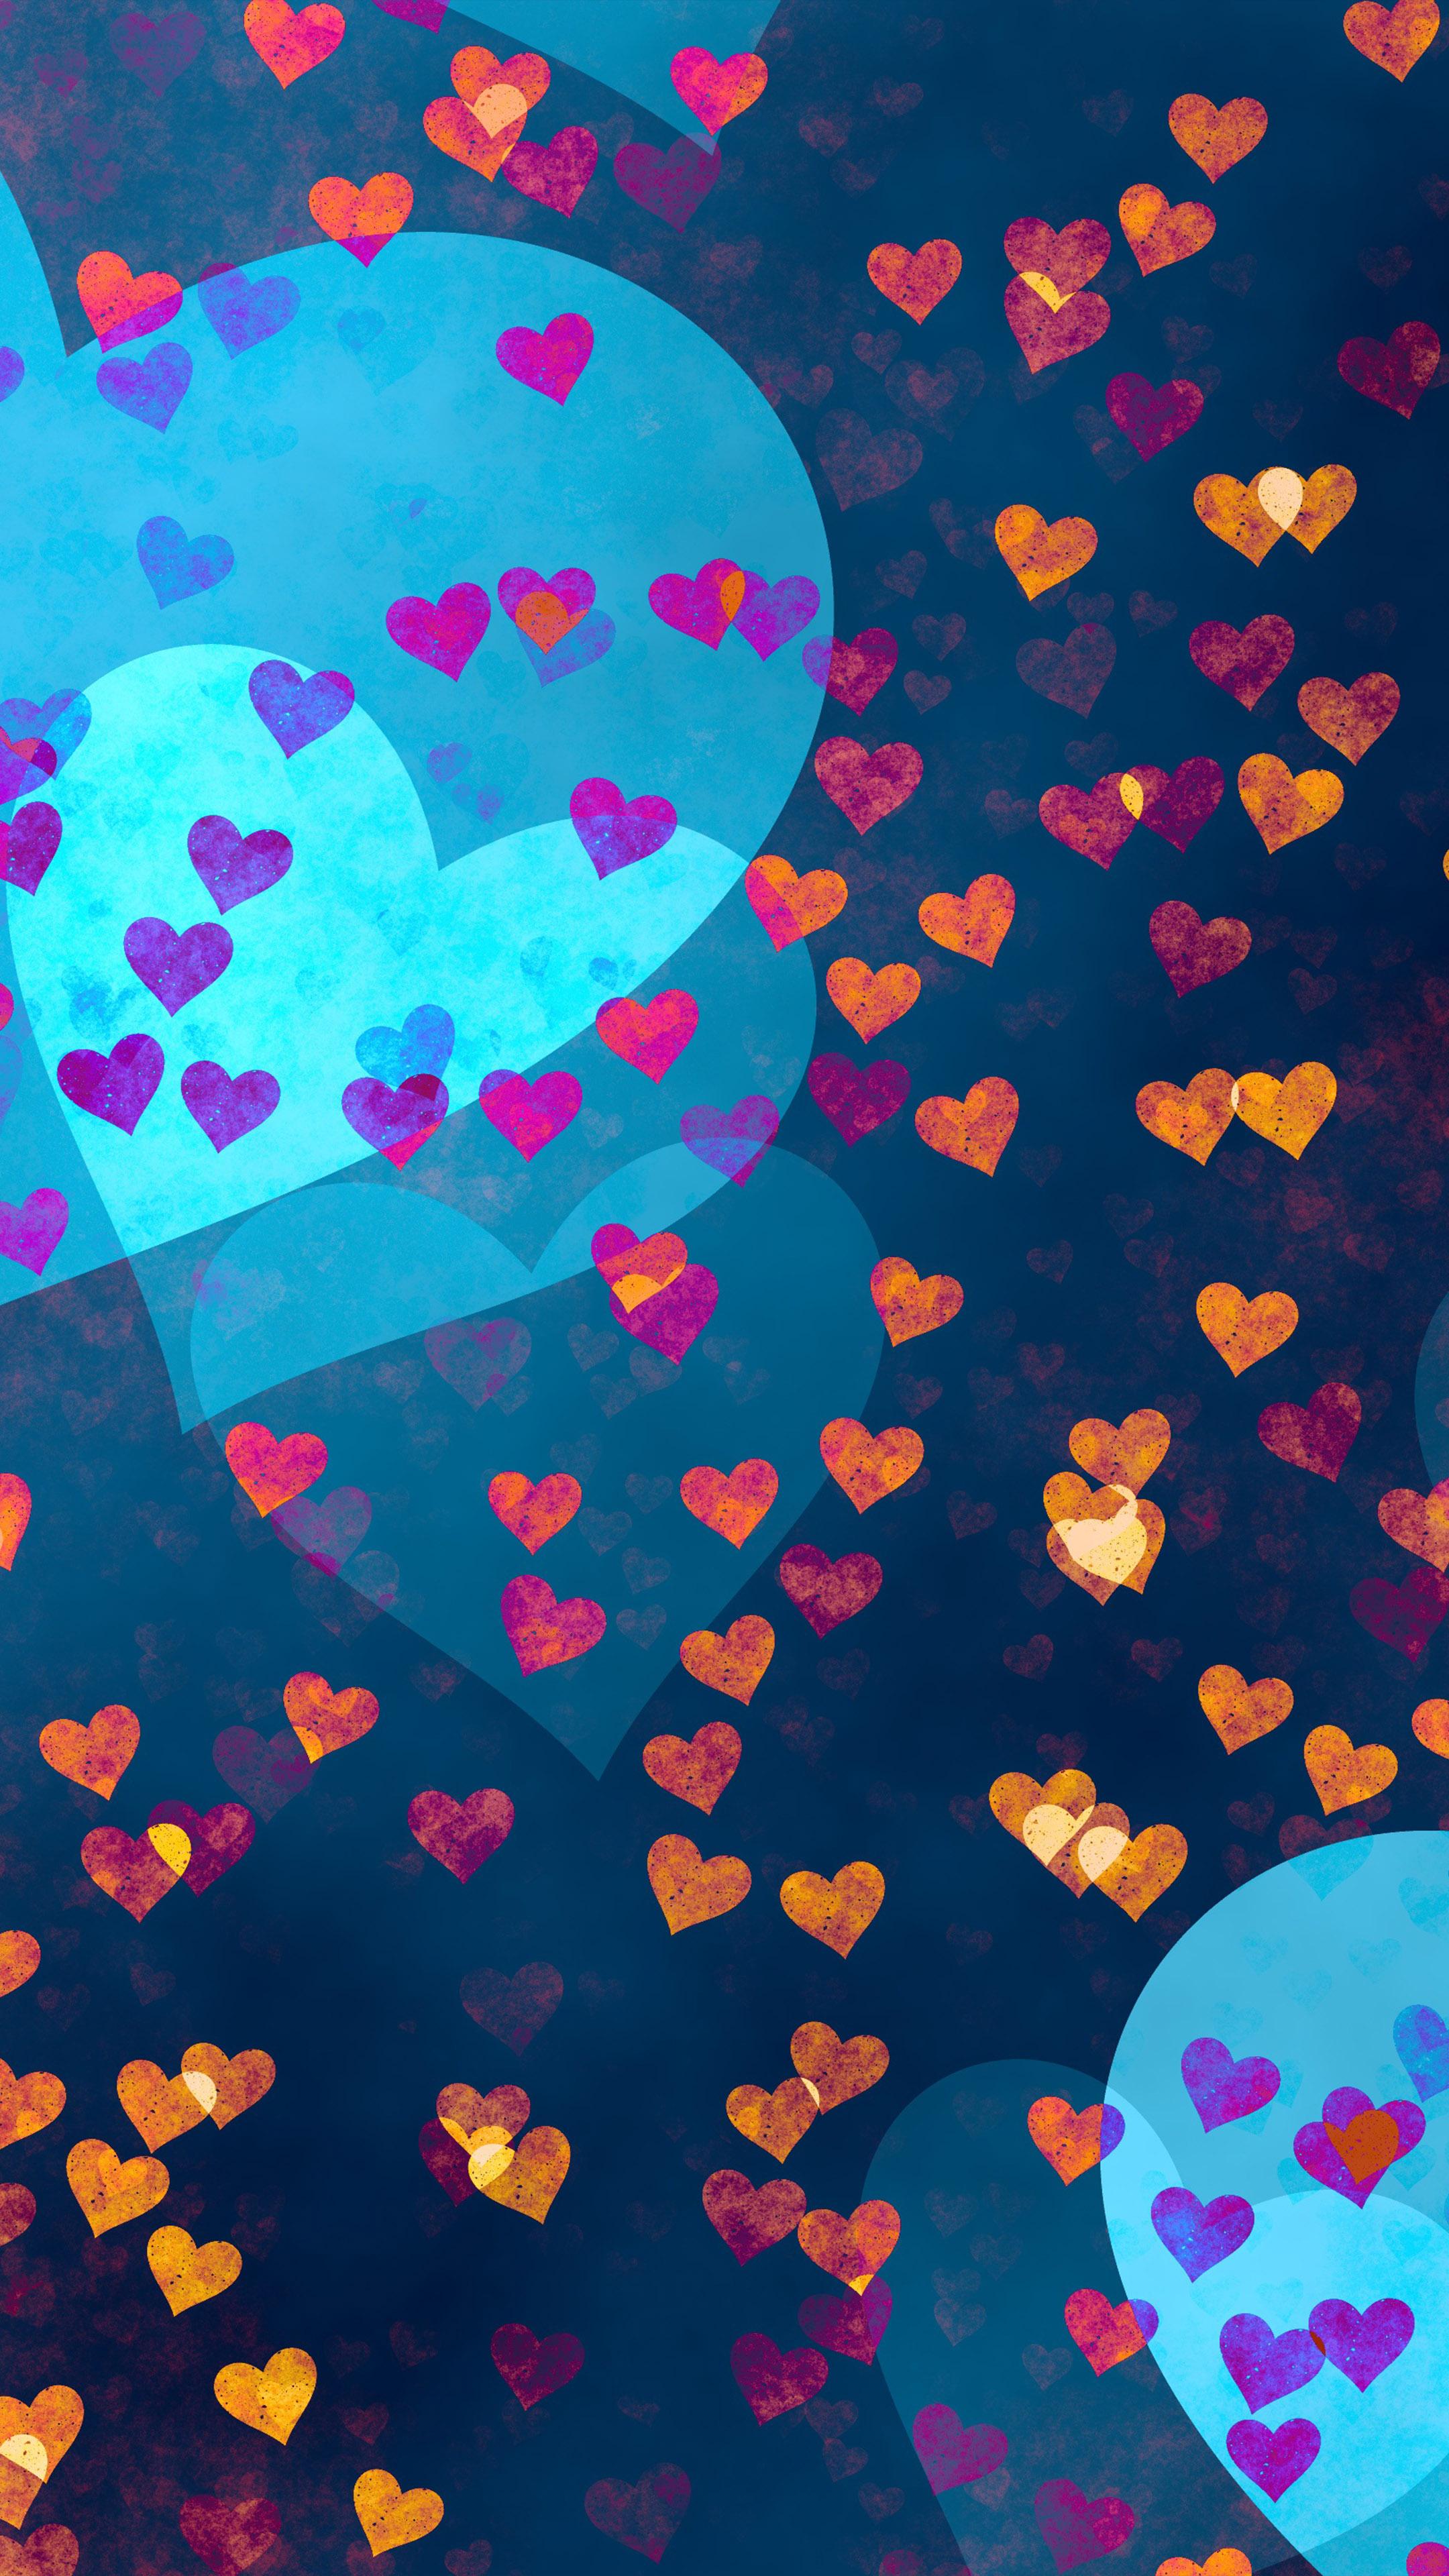 Love Hearts Pattern Free 4K Ultra HD Mobile Wallpaper